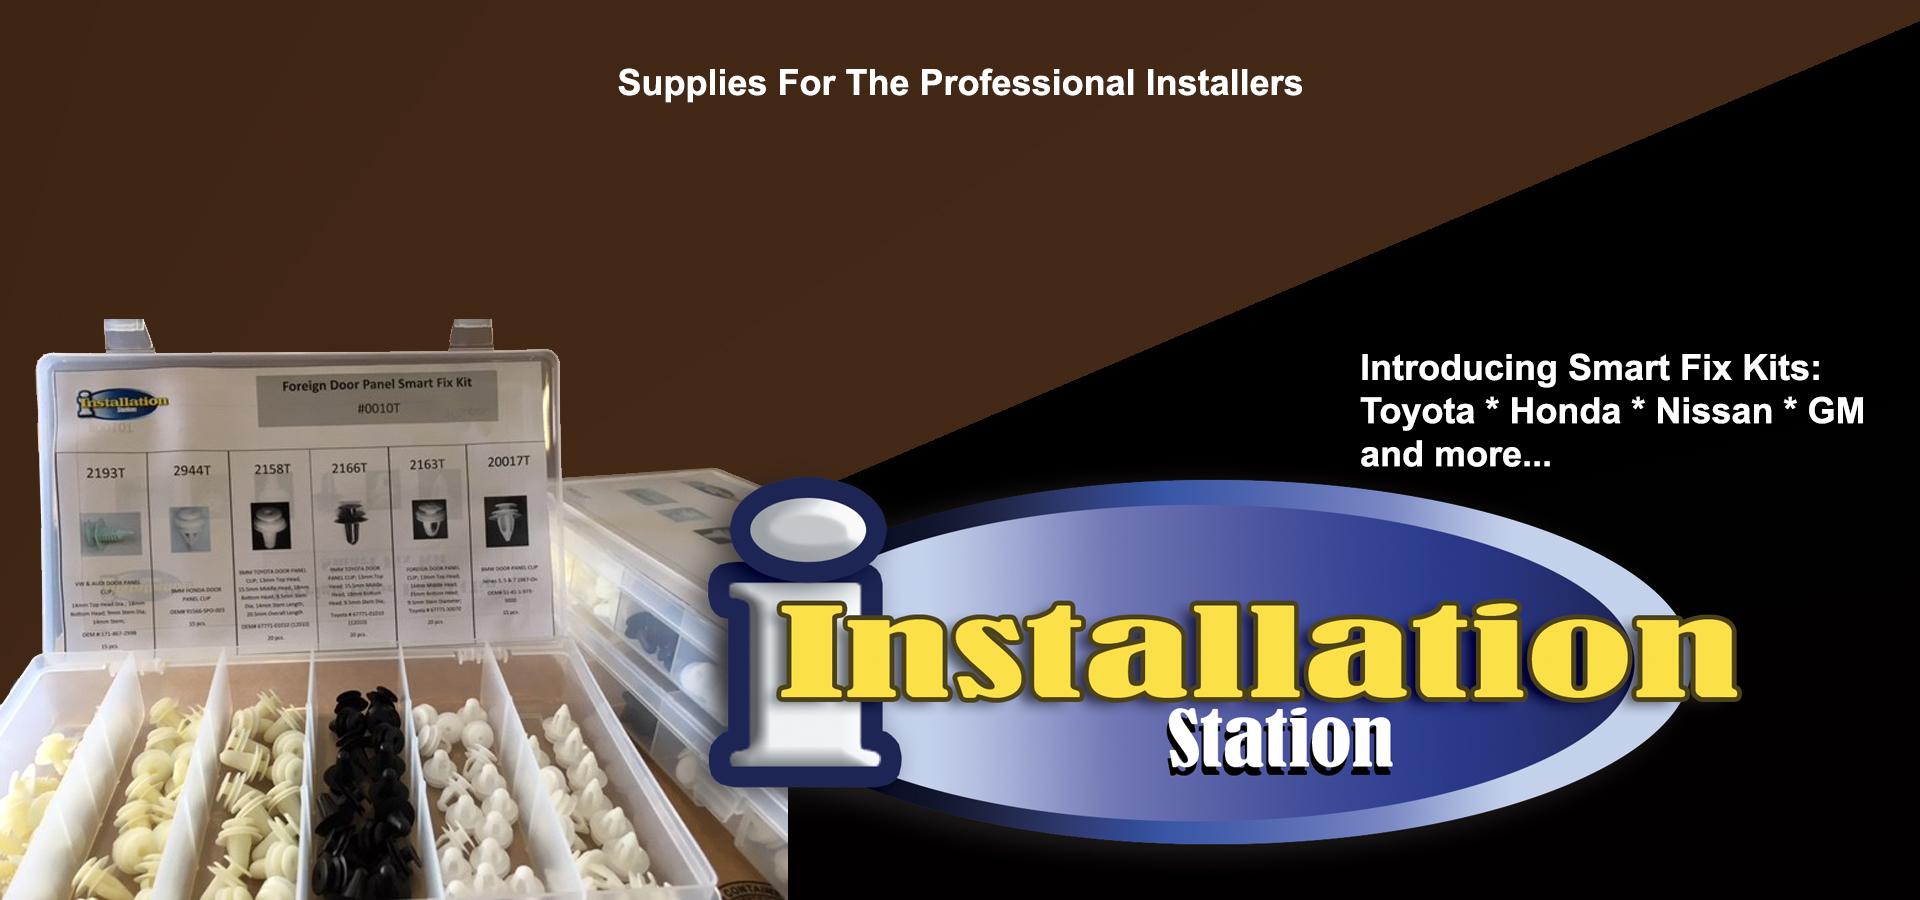 Installation Station